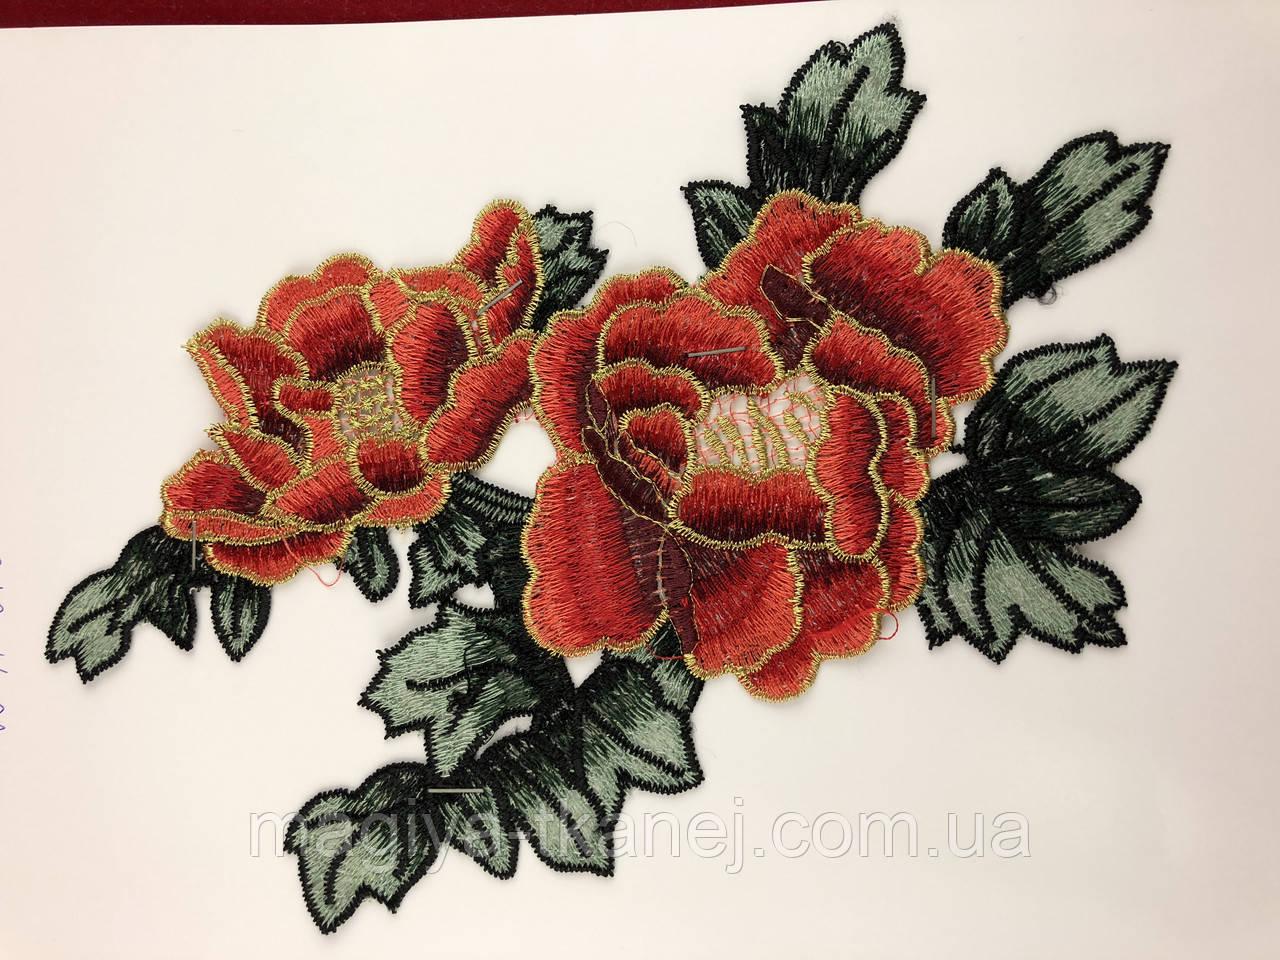 Роза 6104